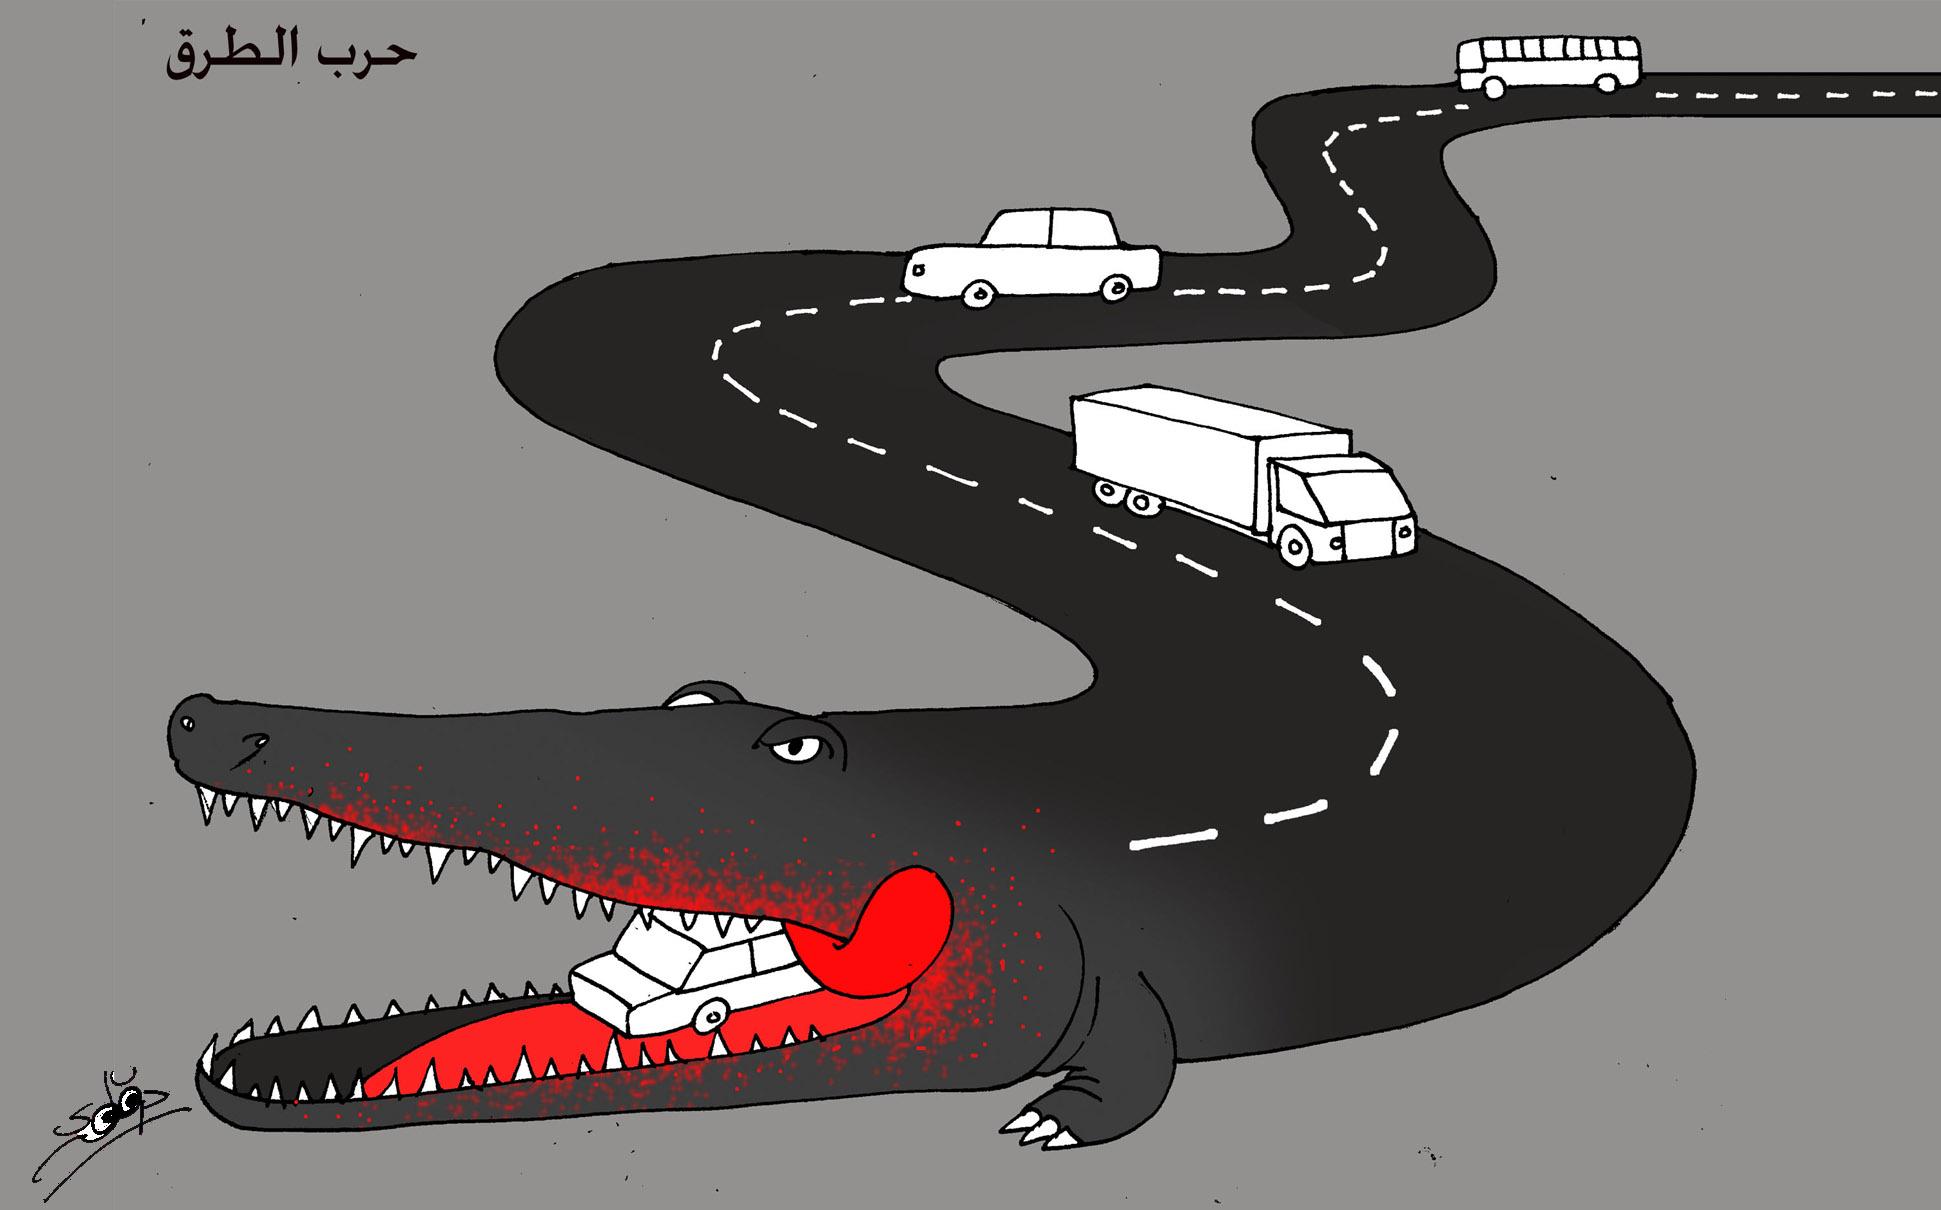 حرب الطرق